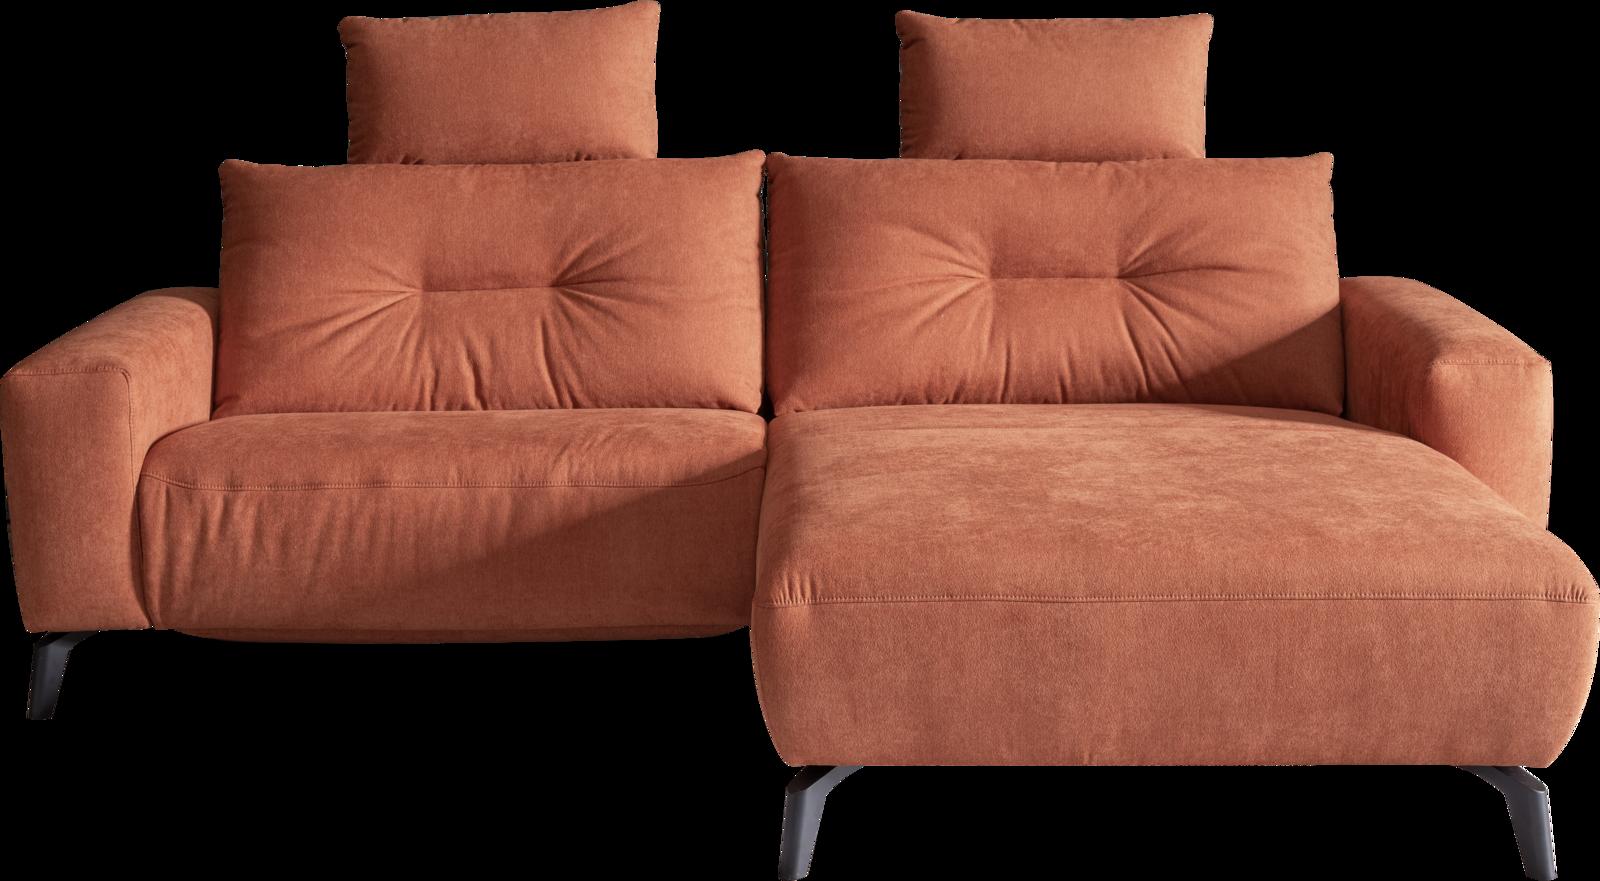 Sofa in orangem Stoff, Relaxfunktionen und schwarzen Metallfüßen